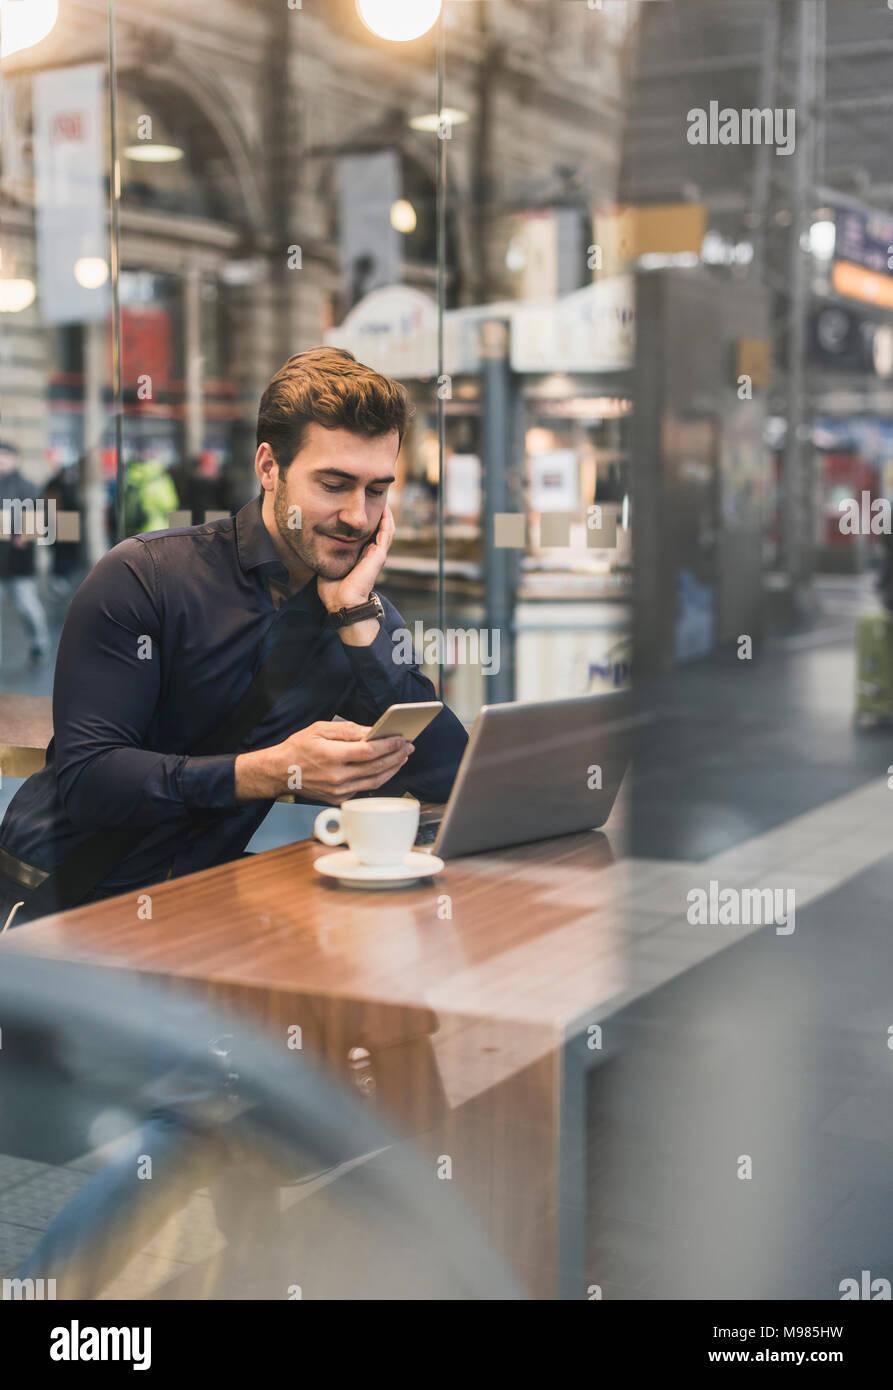 Empresario joven en un café en la estación de tren con teléfono móvil y portátil Imagen De Stock